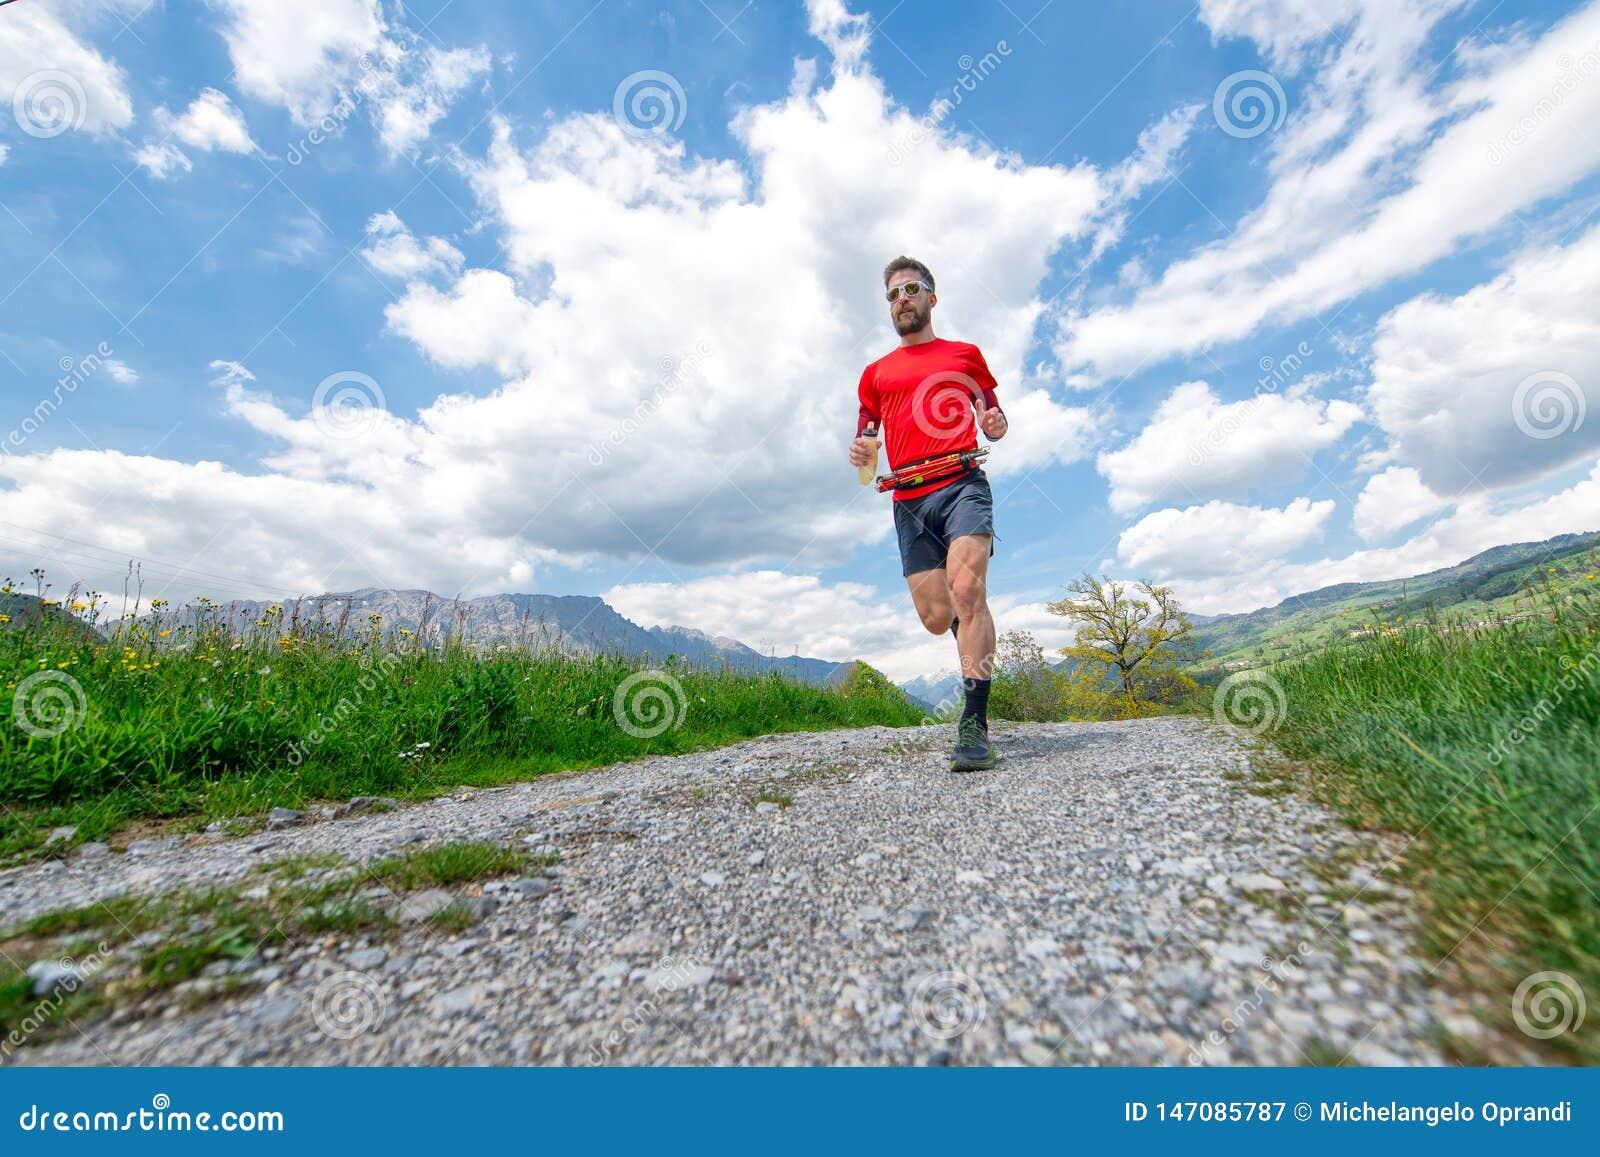 Formazione di un corridore maratona della montagna sulla strada campestre